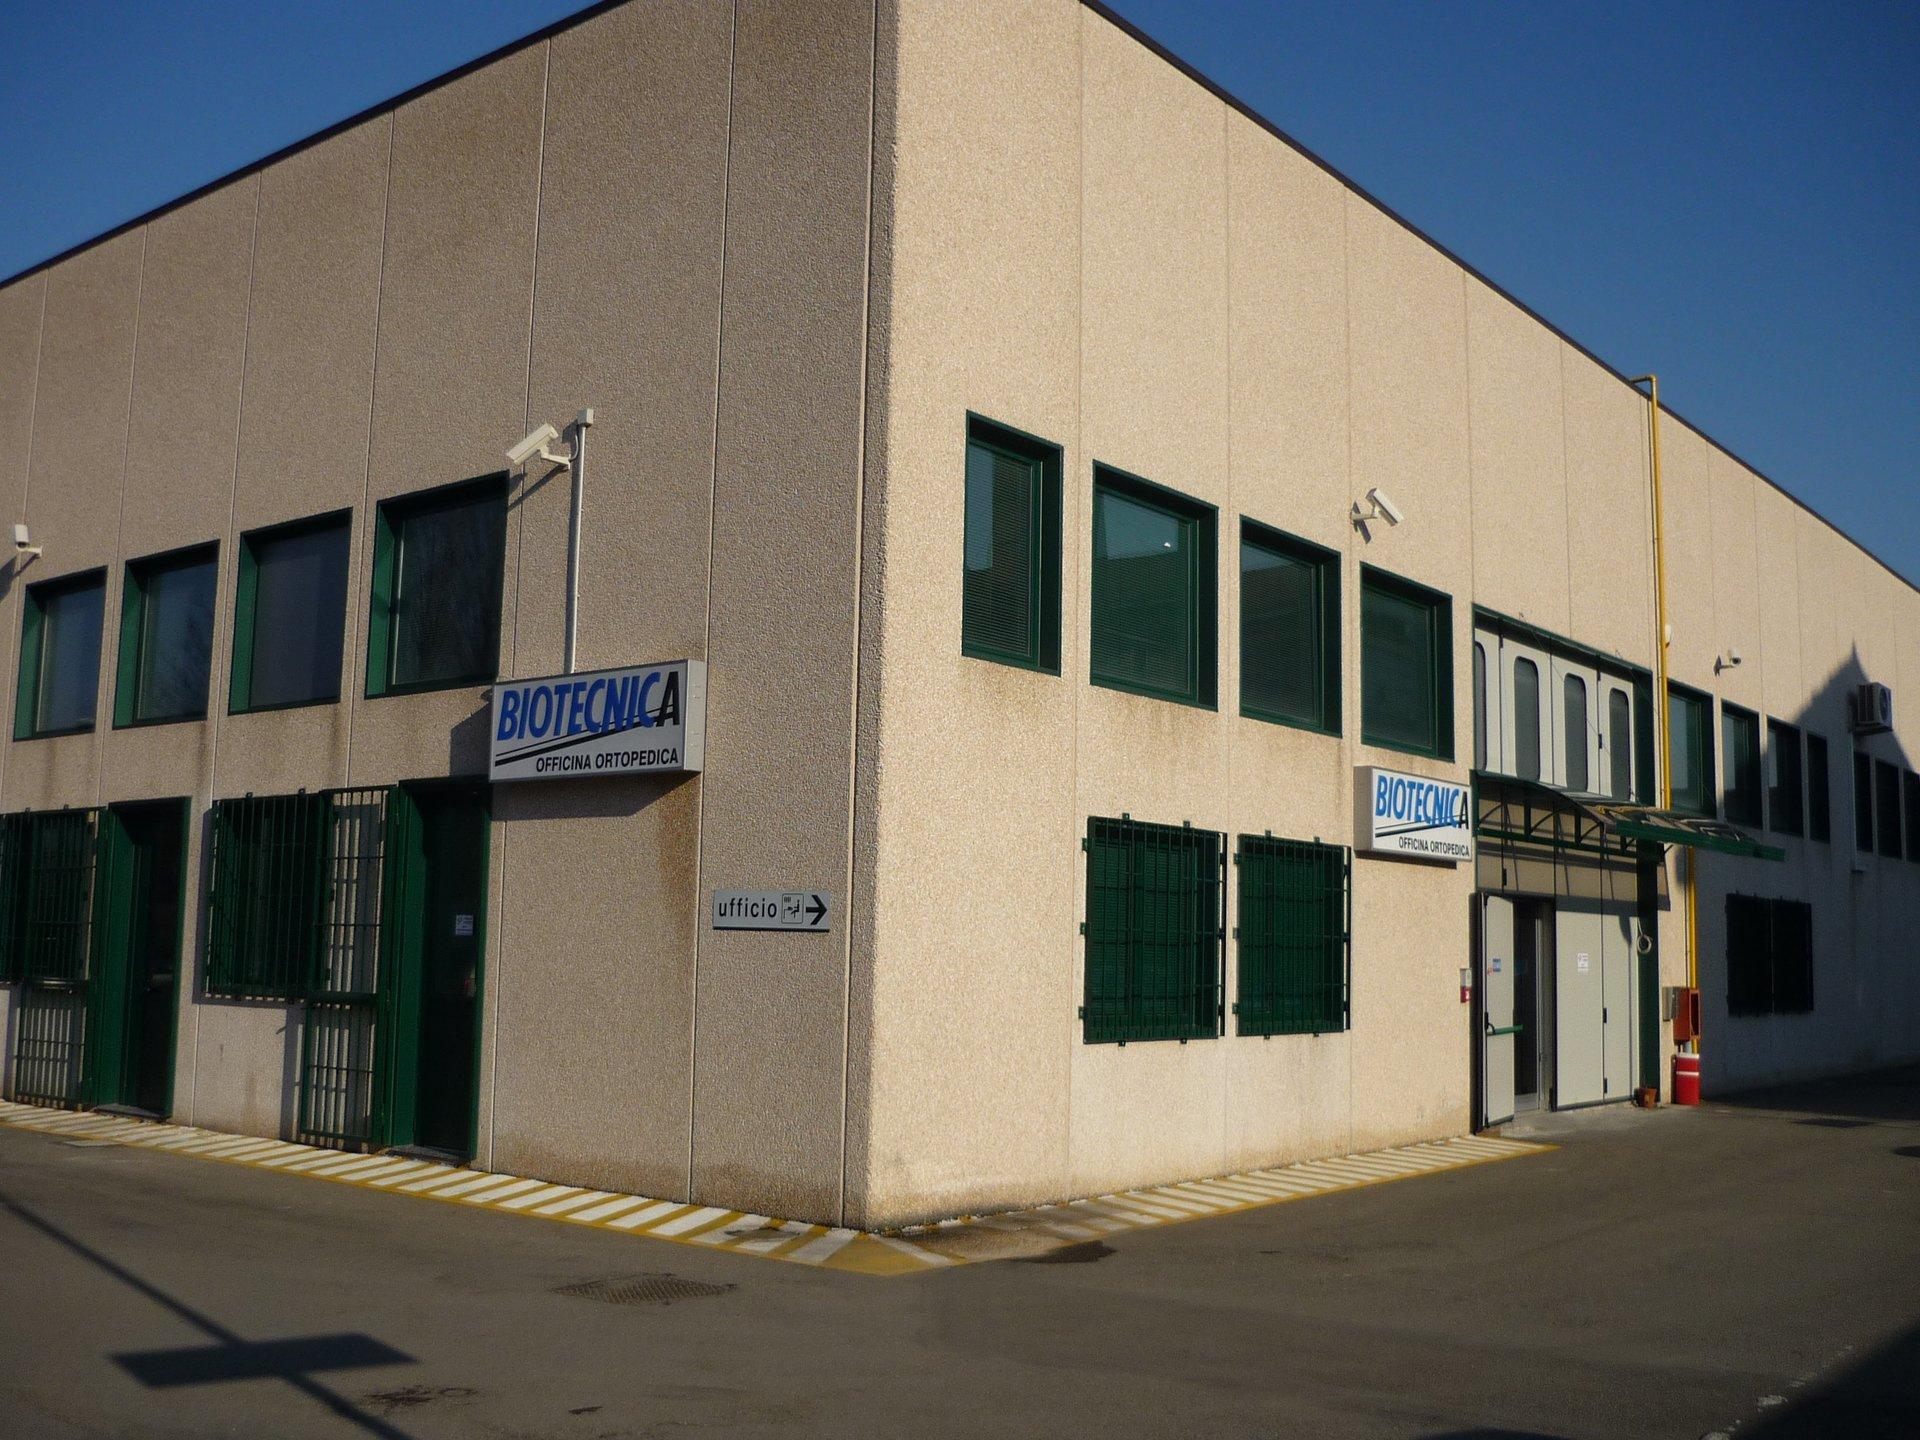 azienda Biotecnica Bologna